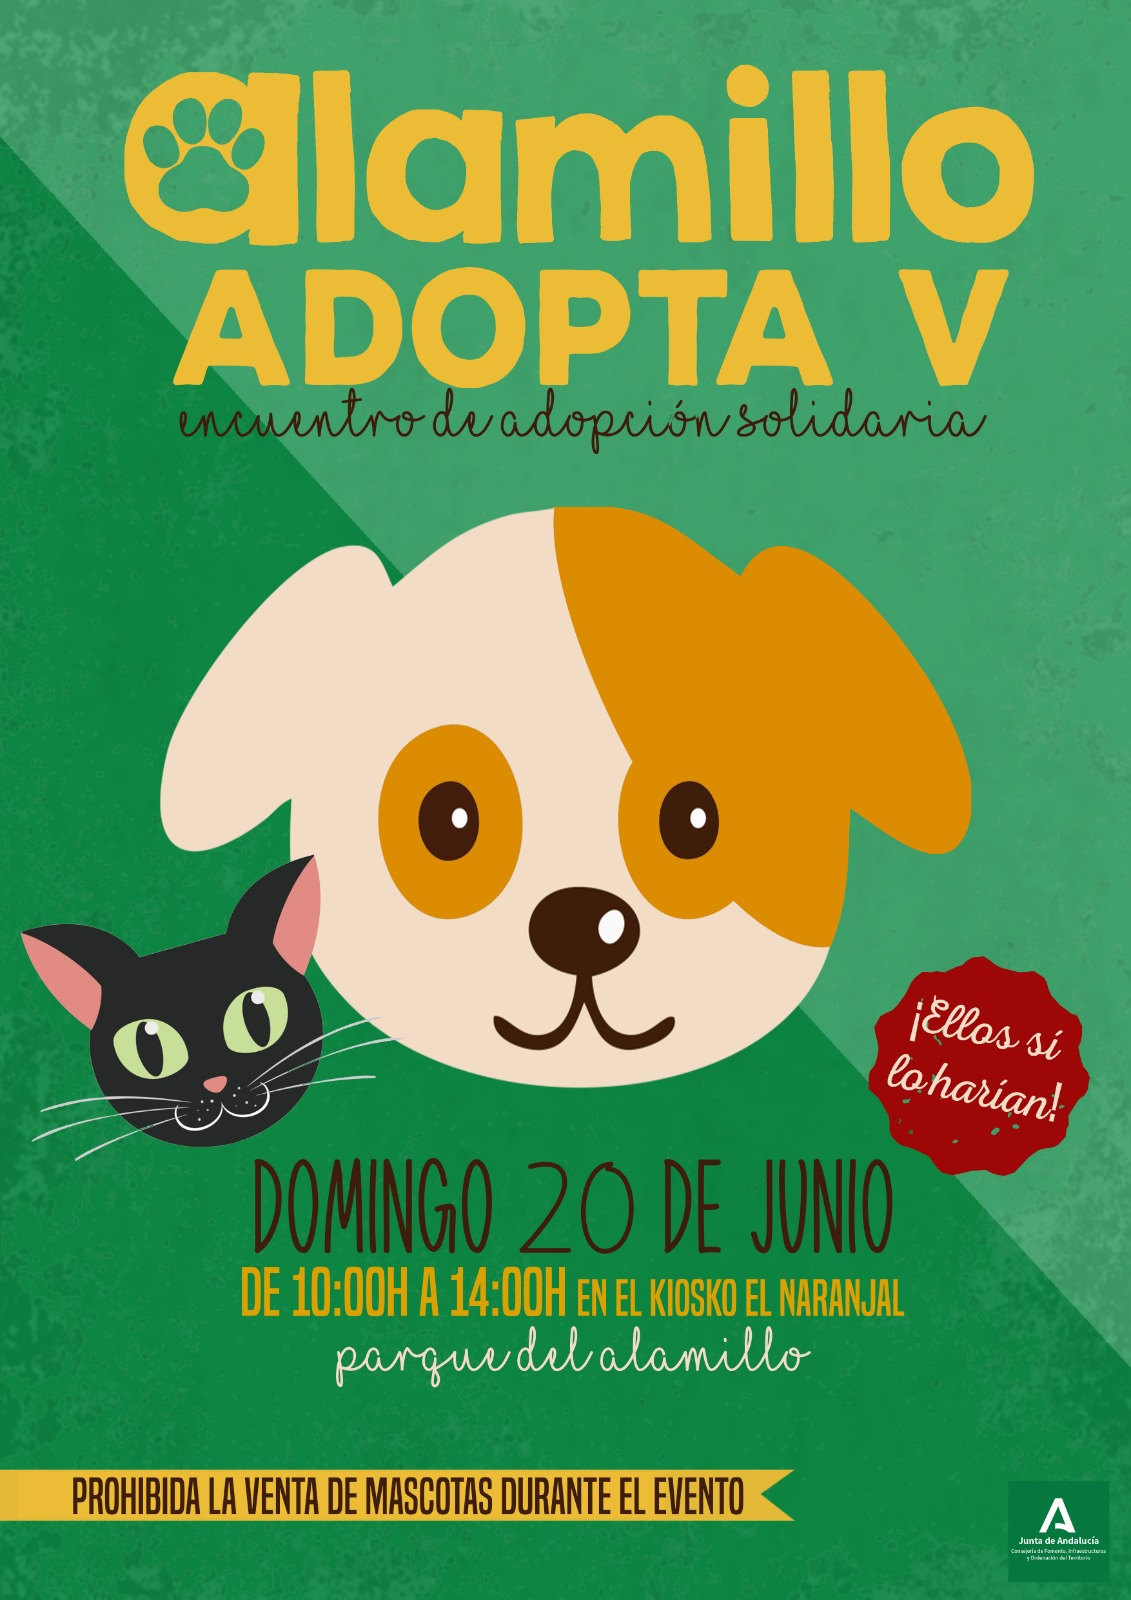 V Encuentro de Adopción de Mascotas